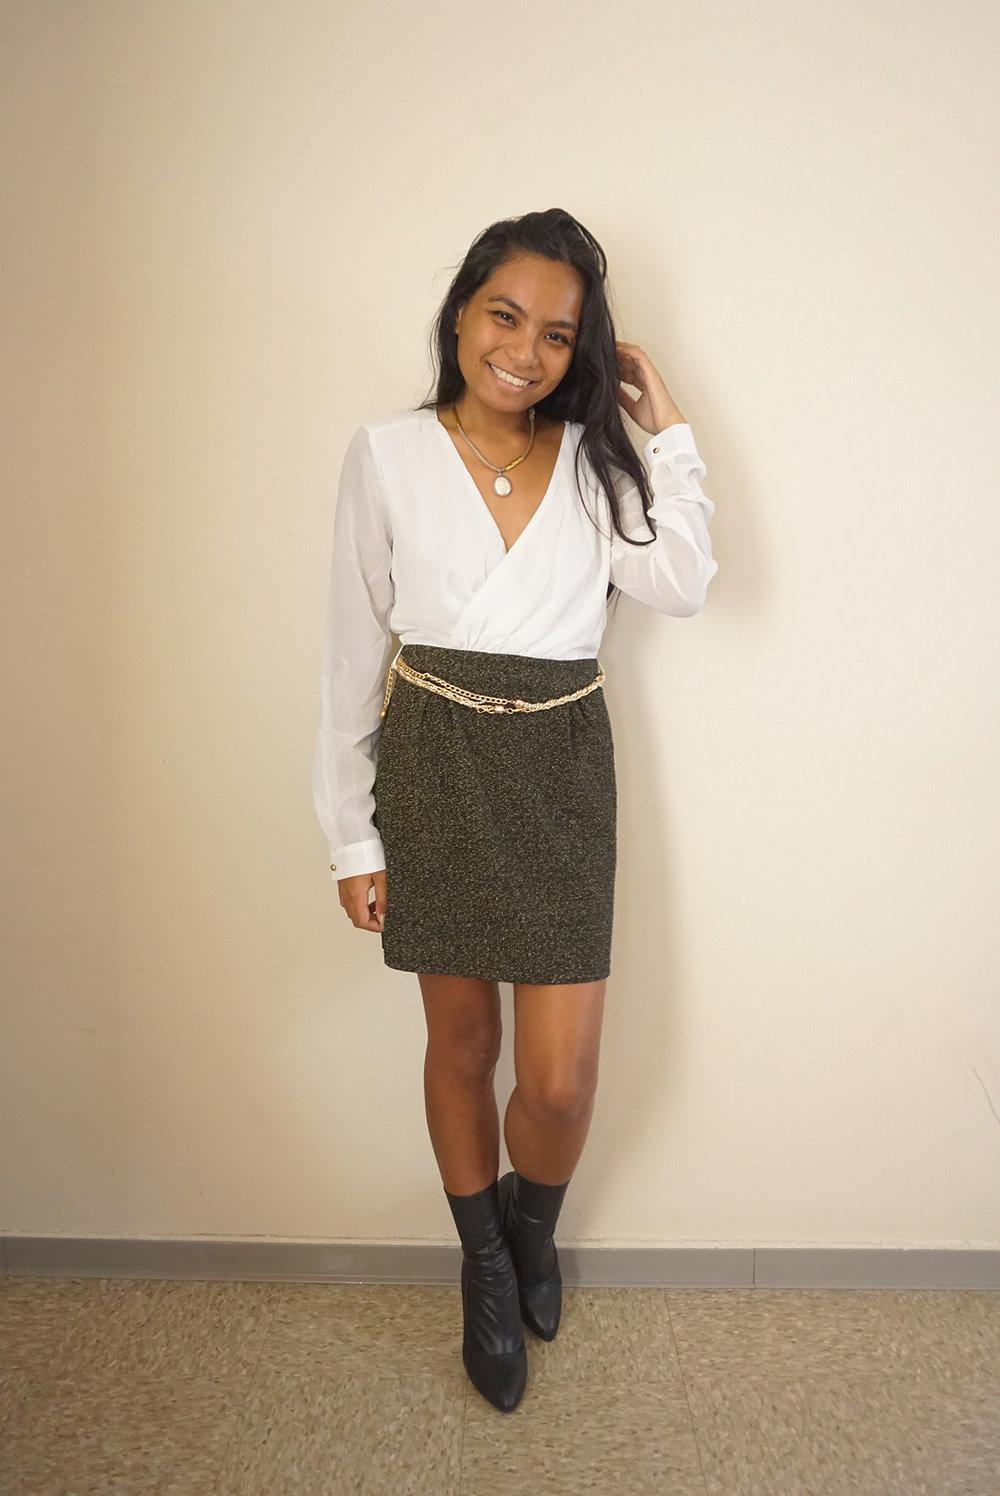 Two-Toned-Amiclubwear-Dress-Fall-Style-Blogger-LINDATENCHITRAN-6-1616x1080.jpg